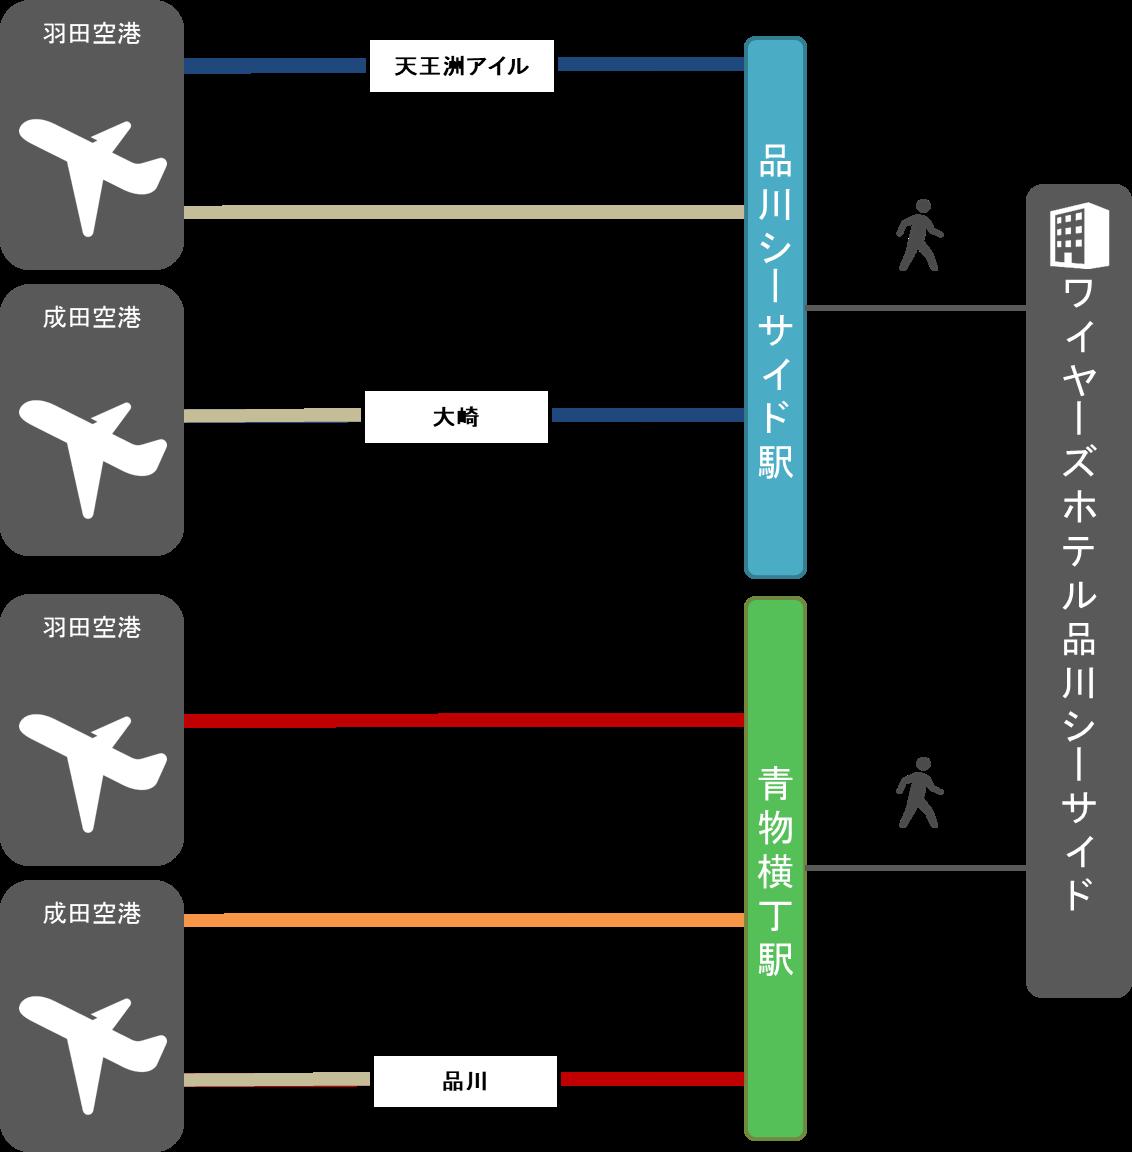 空港からのアクセス方法